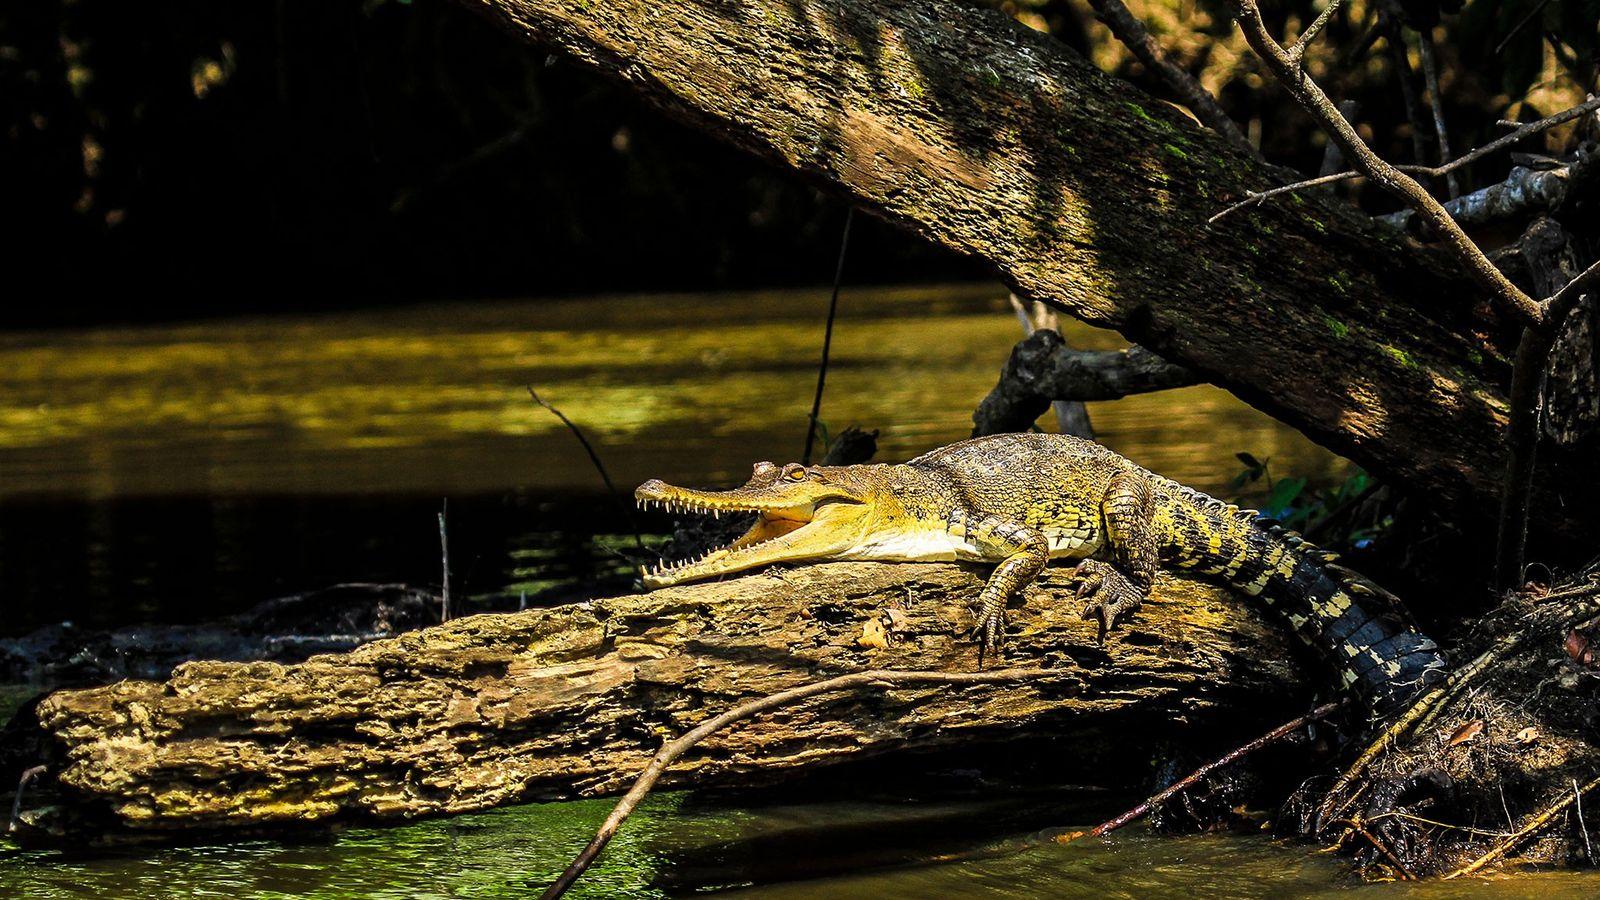 Le faux-gavial d'Afrique centrale (Mecistops leptorhynchus) est la première espèce de crocodile a être décrite depuis ...